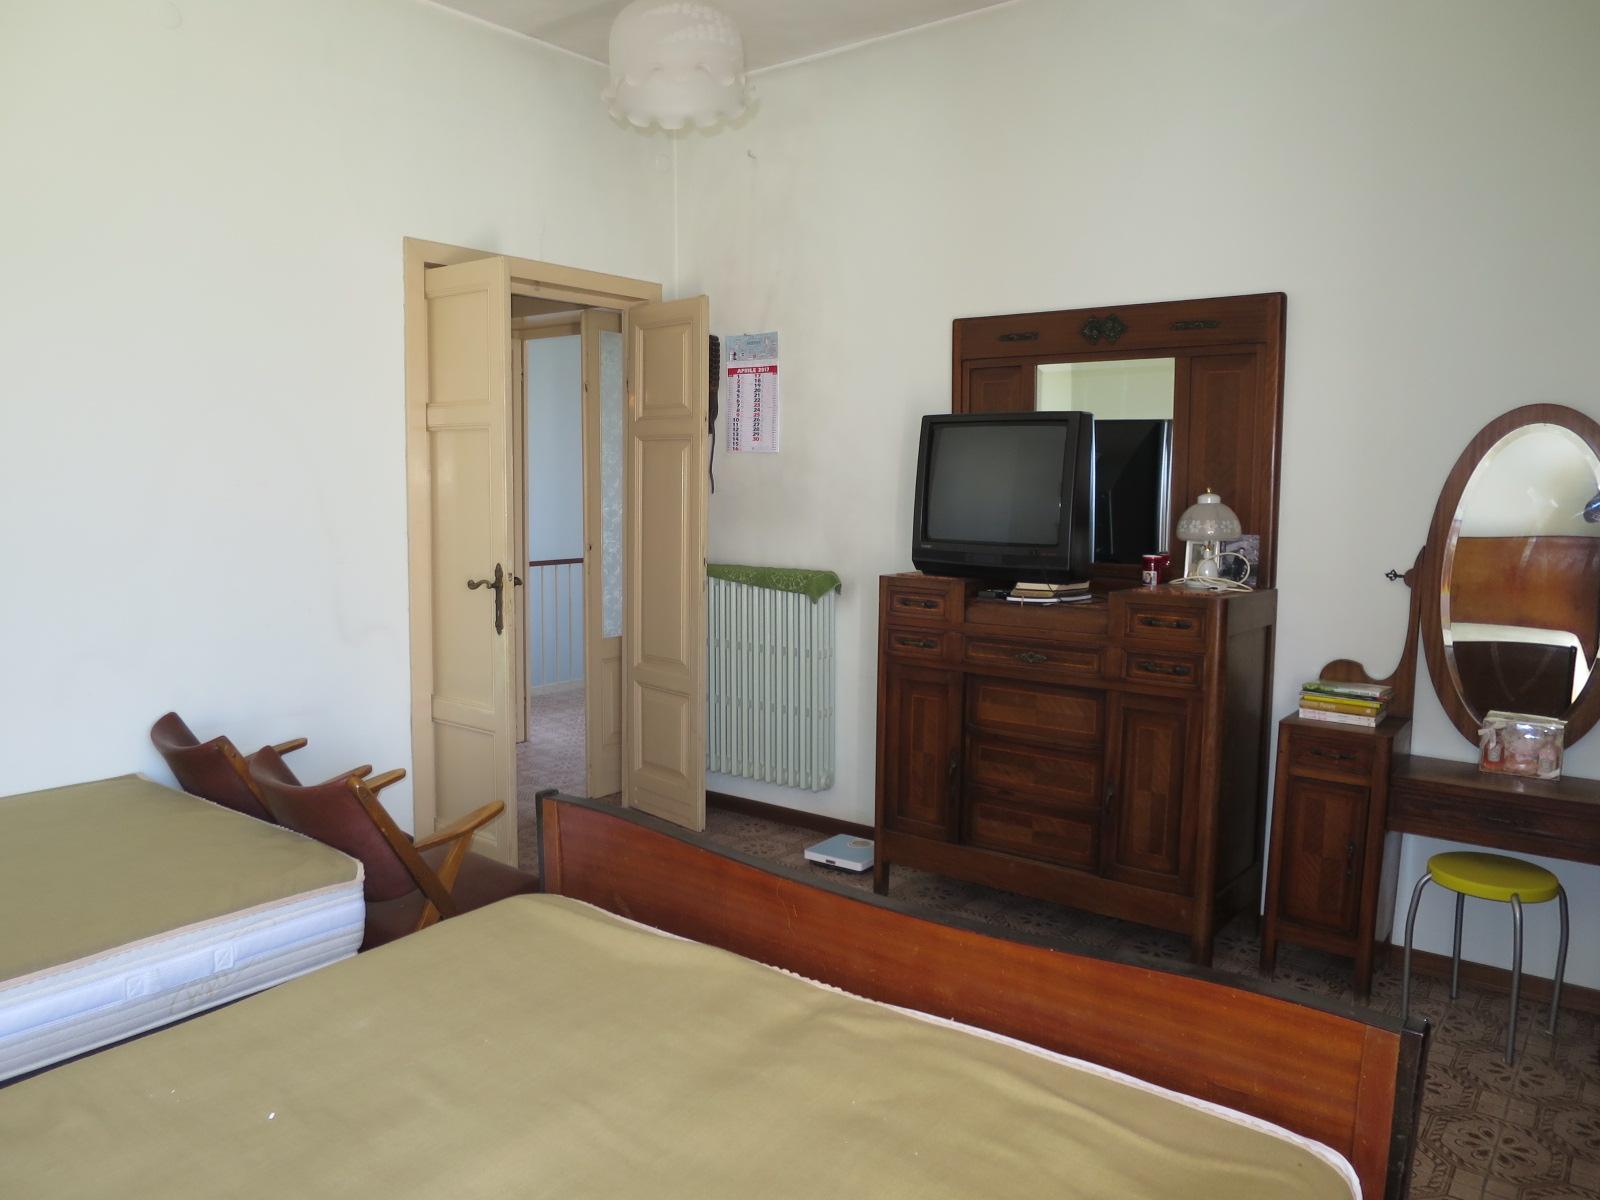 Villa Villa for sale Roseto degli Abruzzi (TE), Villa del Marinaio - Roseto degli Abruzzi - EUR 385.559 640